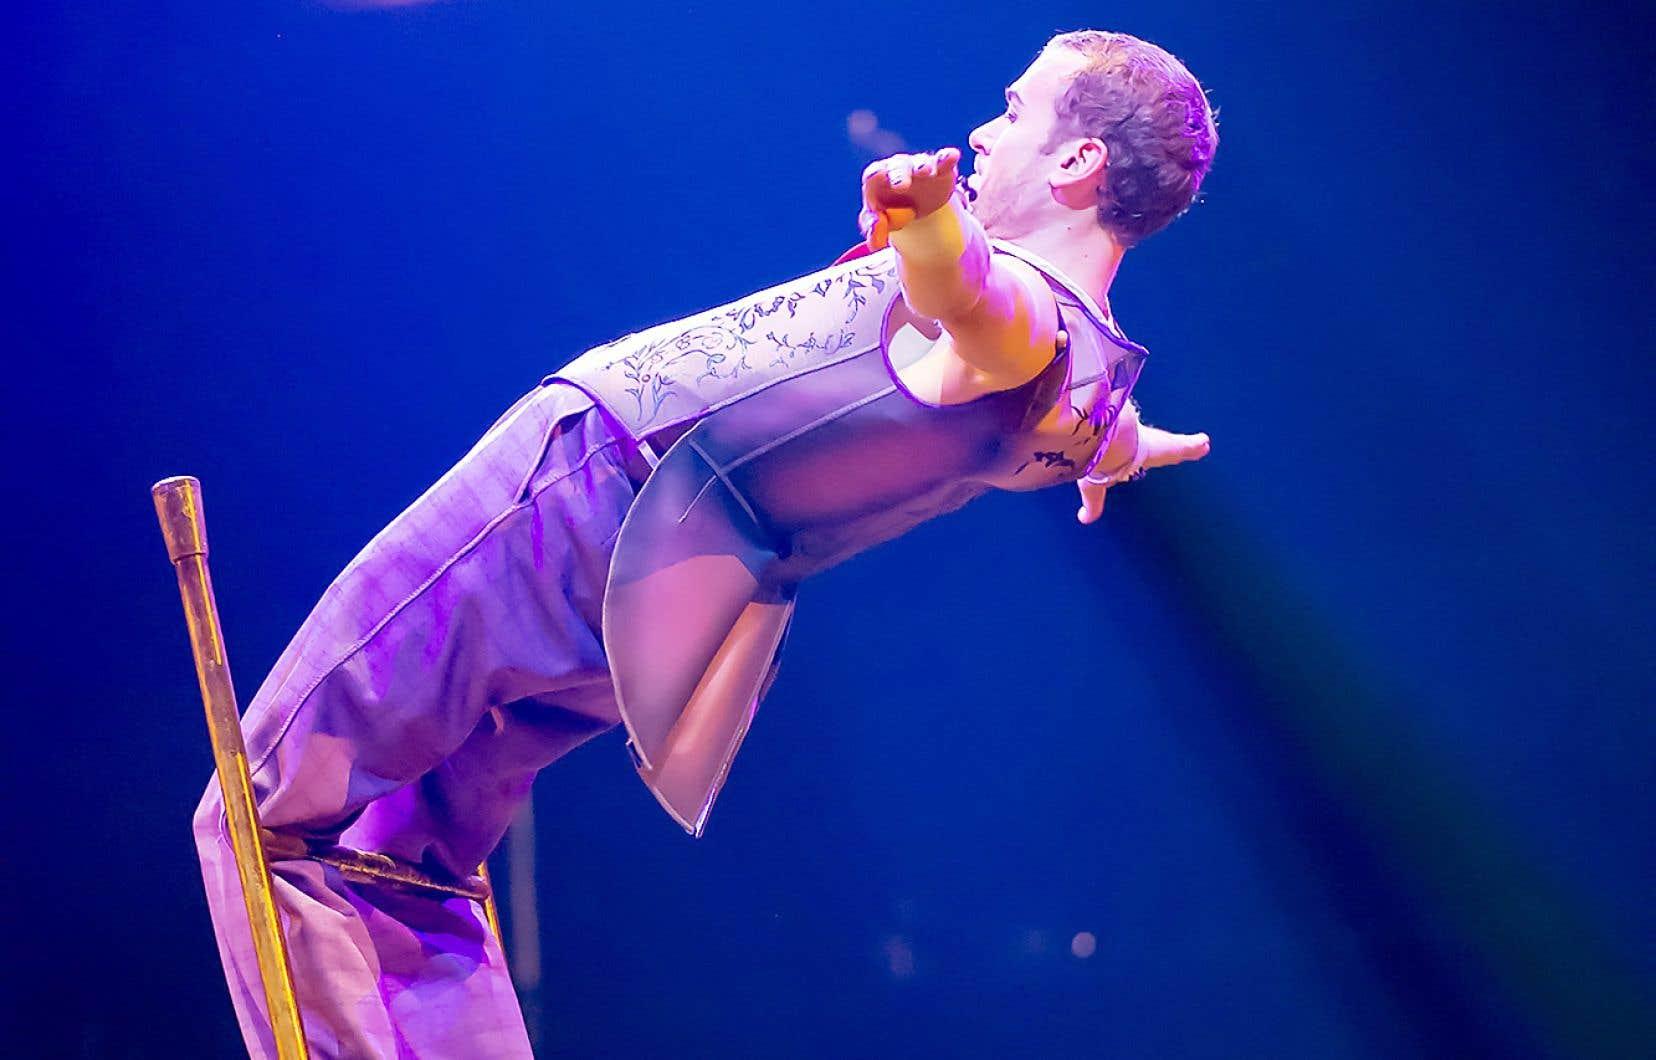 Le Cirque du Soleil a annulé ses 44 spectacles en plus de licencier la quasi-totalité de son effectif — environ 4700 personnes — en raison de la pandémie de COVID-19.